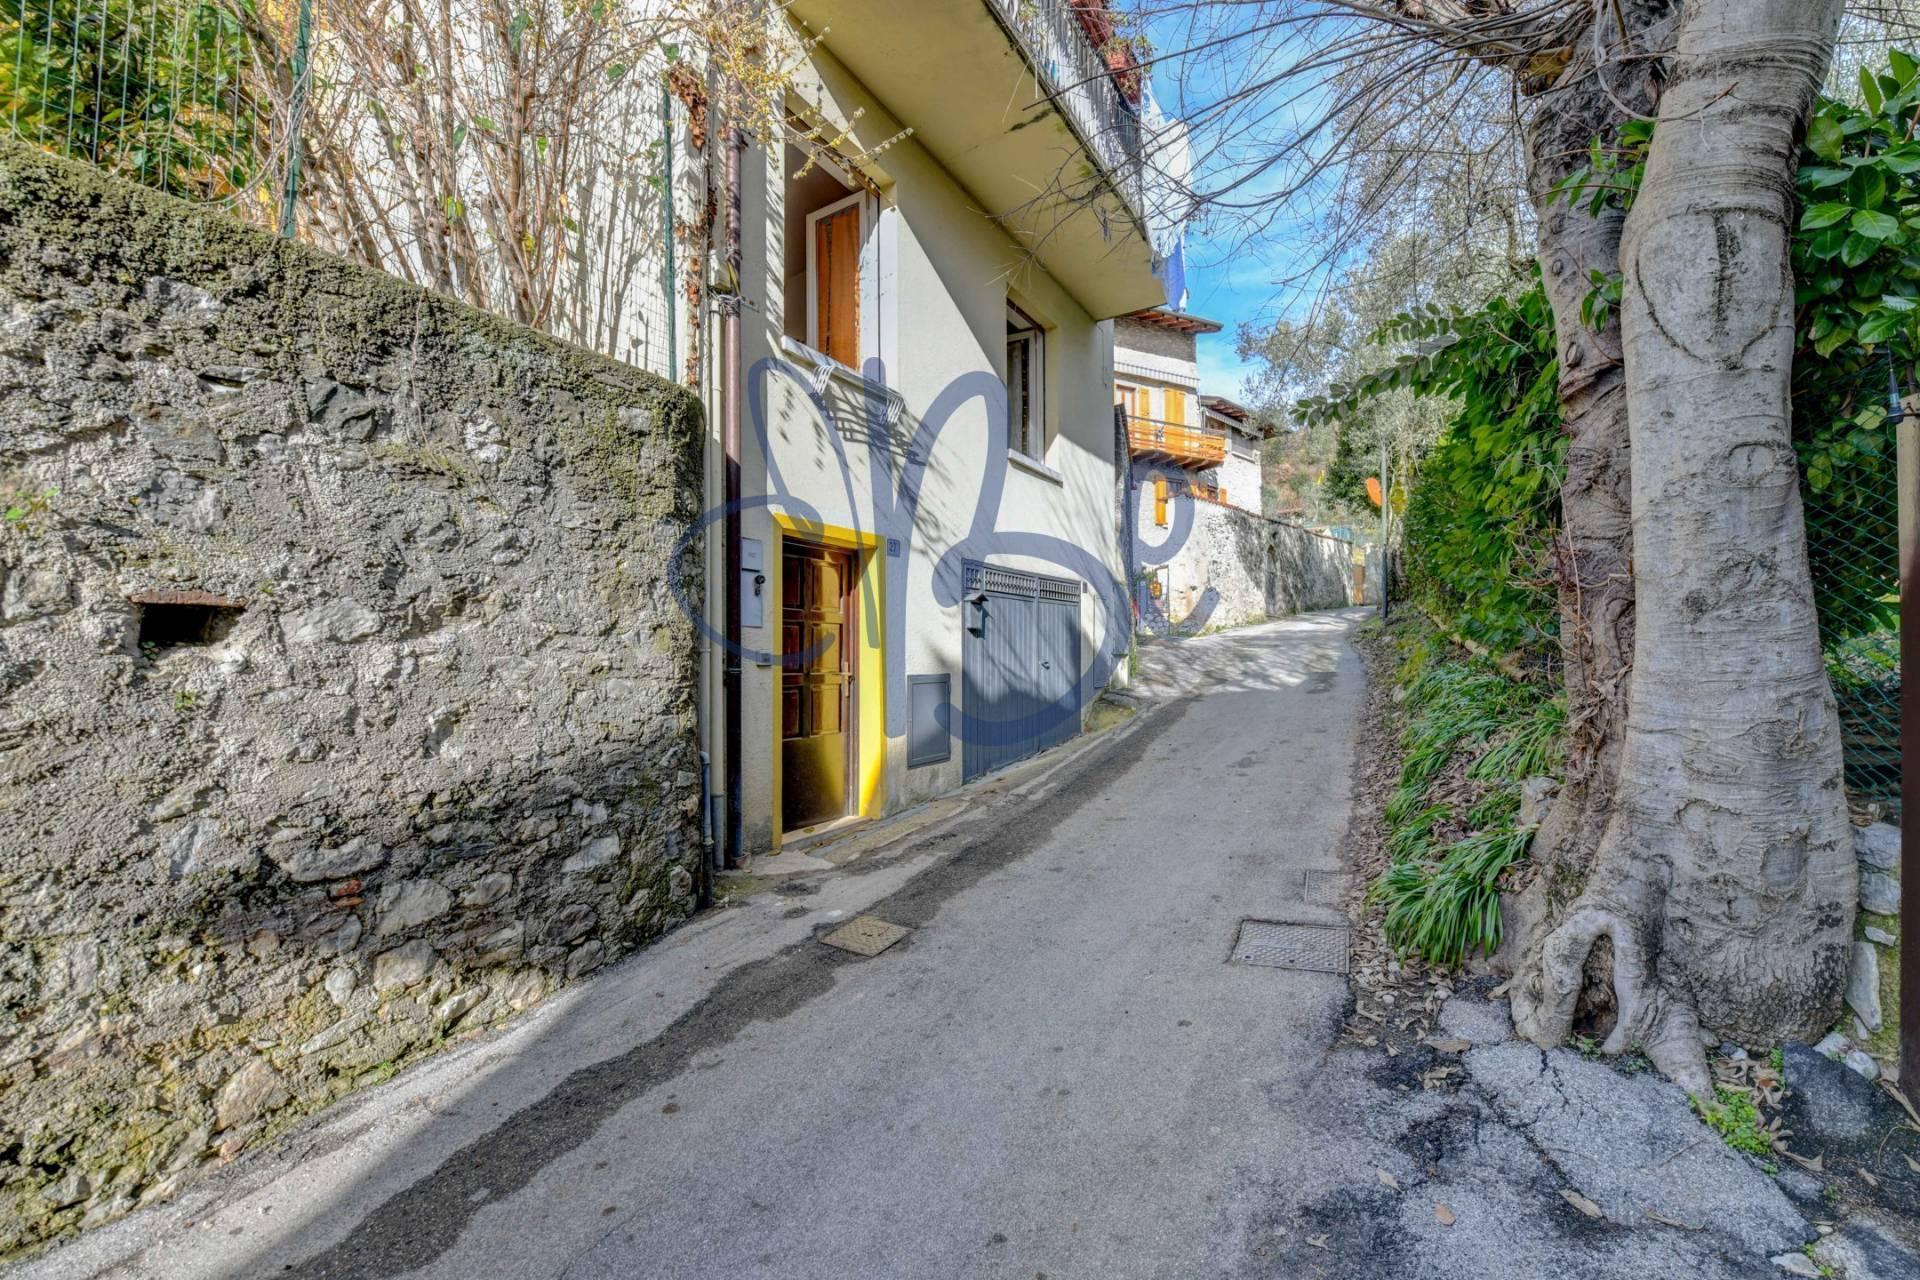 Appartamento in vendita a Gardone Riviera, 2 locali, zona Zona: Morgnaga, prezzo € 95.000 | CambioCasa.it